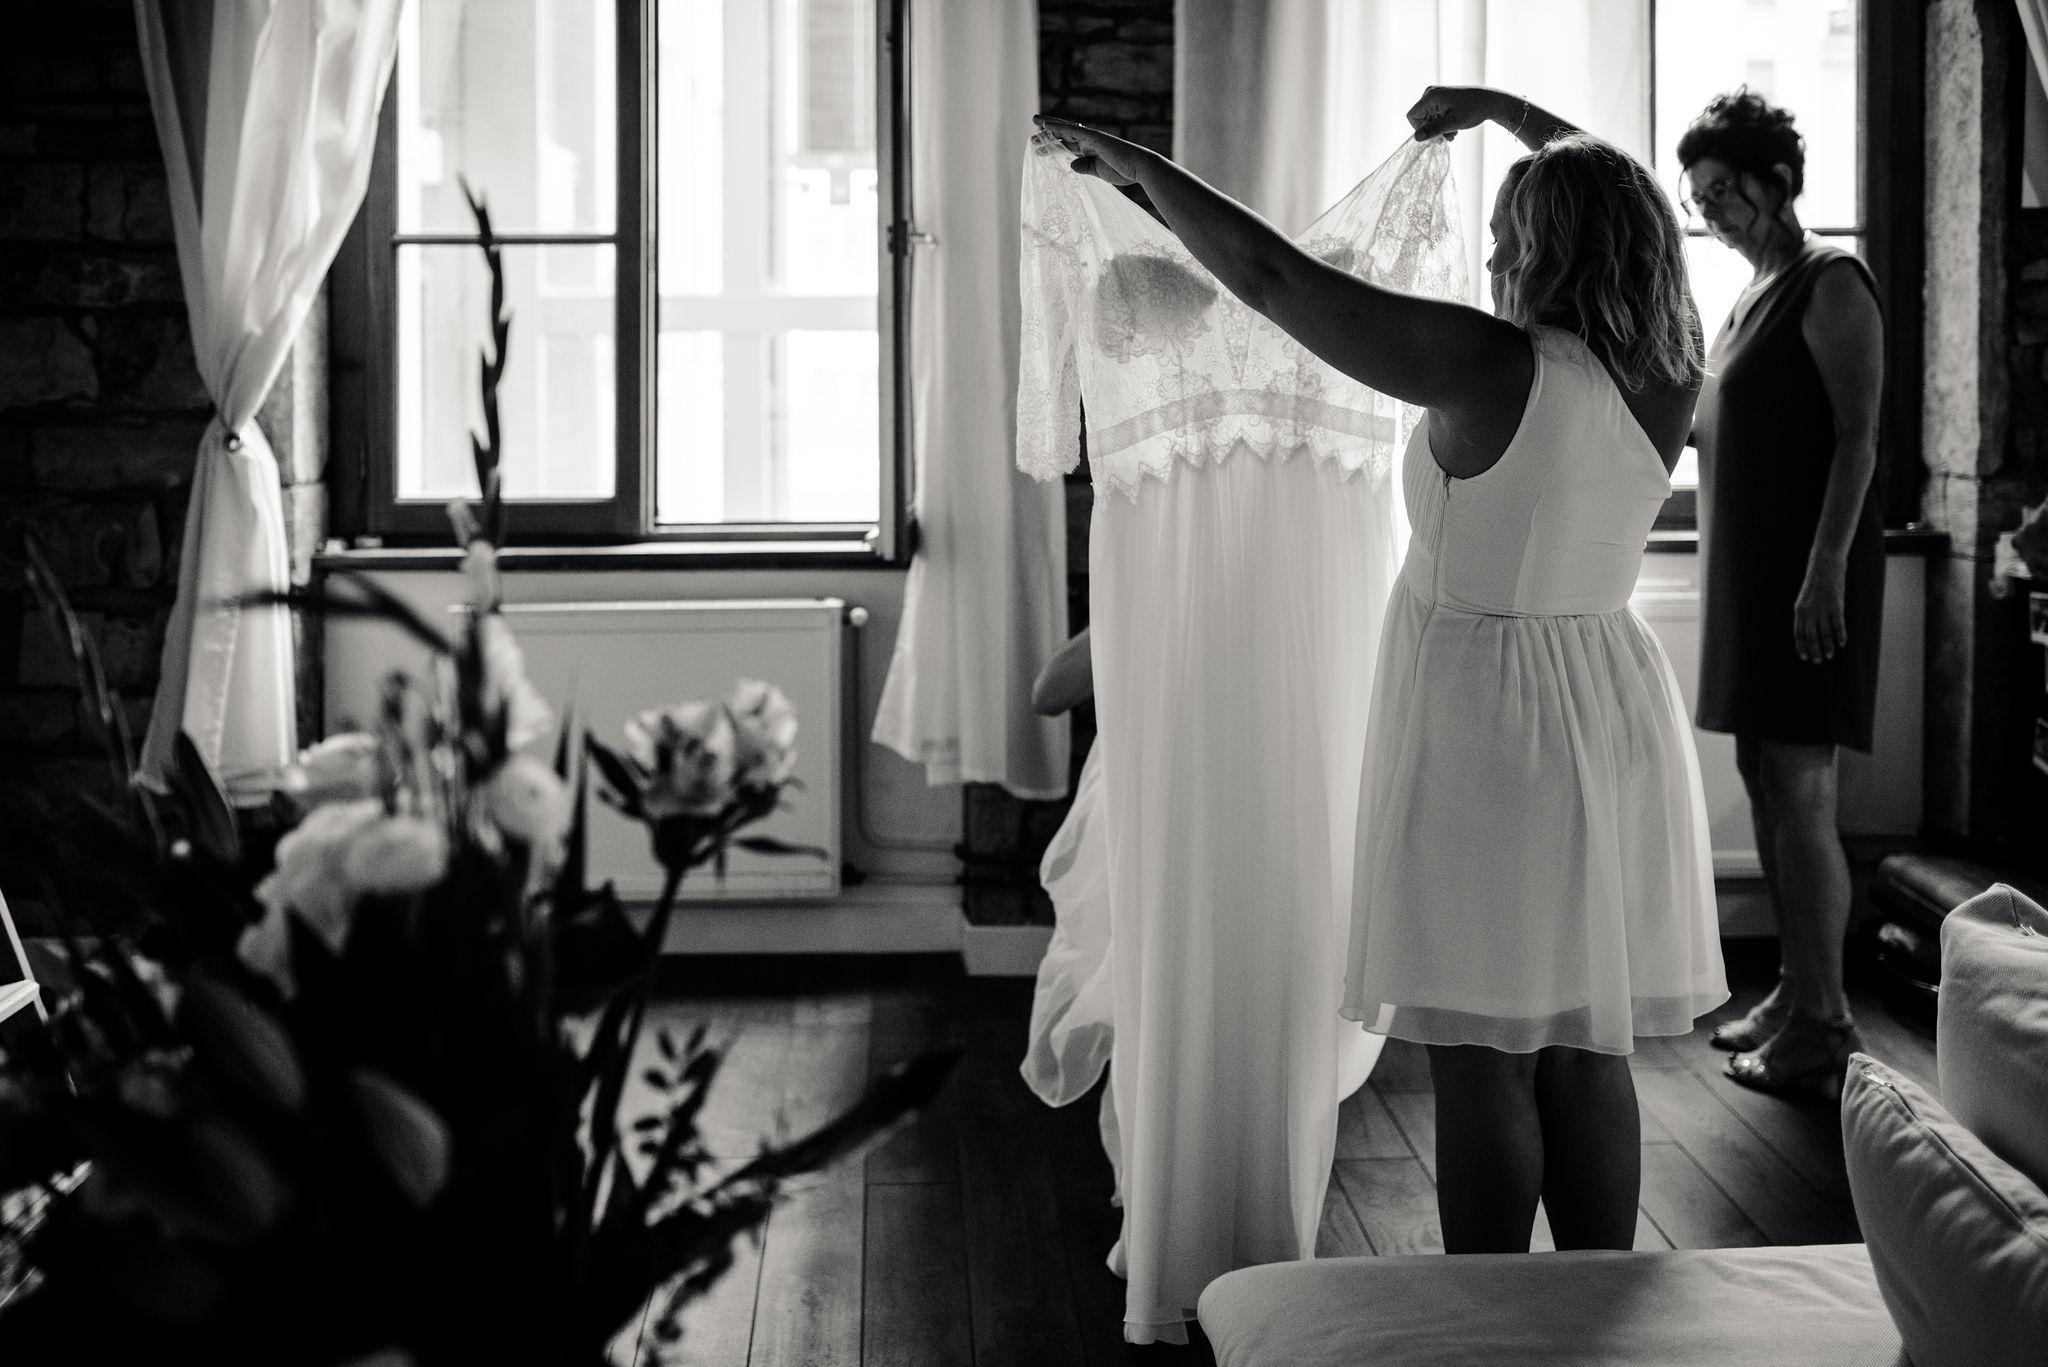 Léa-Fery-photographe-professionnel-lyon-rhone-alpes-portrait-creation-mariage-evenement-evenementiel-famille-5418.jpg